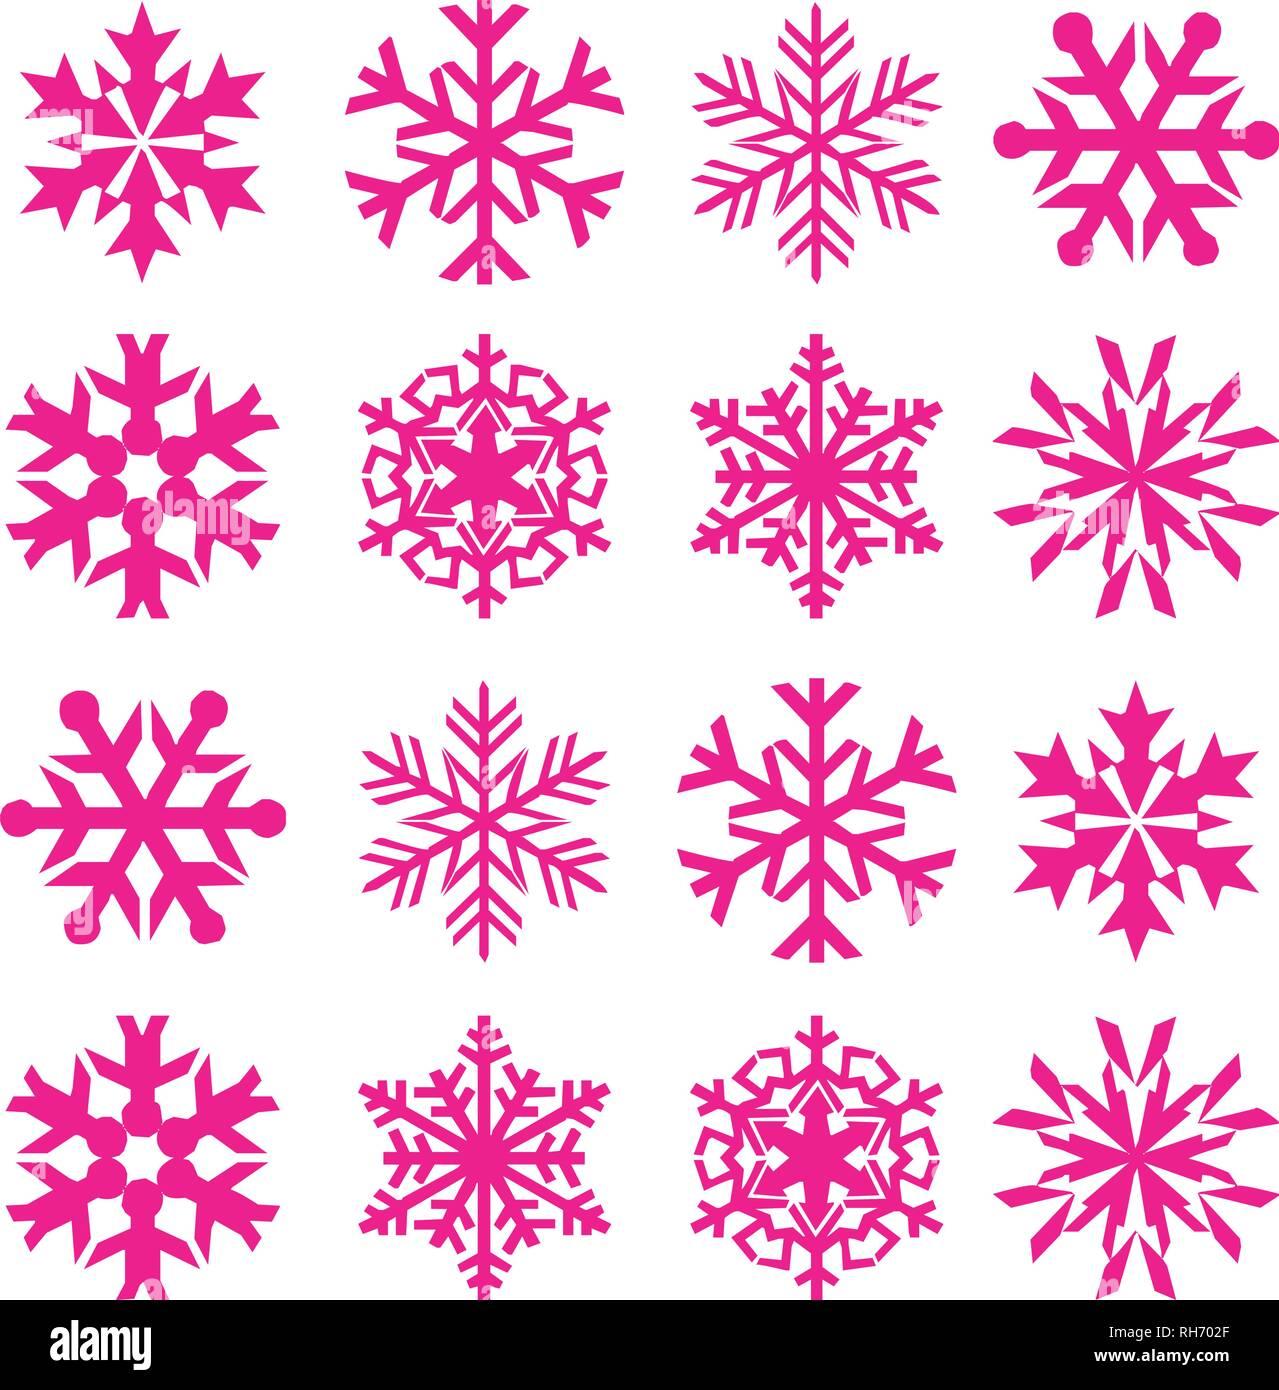 2019 Weiße Weihnachten.Schneeflocke Vektor Symbol Hintergrund Set Kunststoff Rosa Farbe